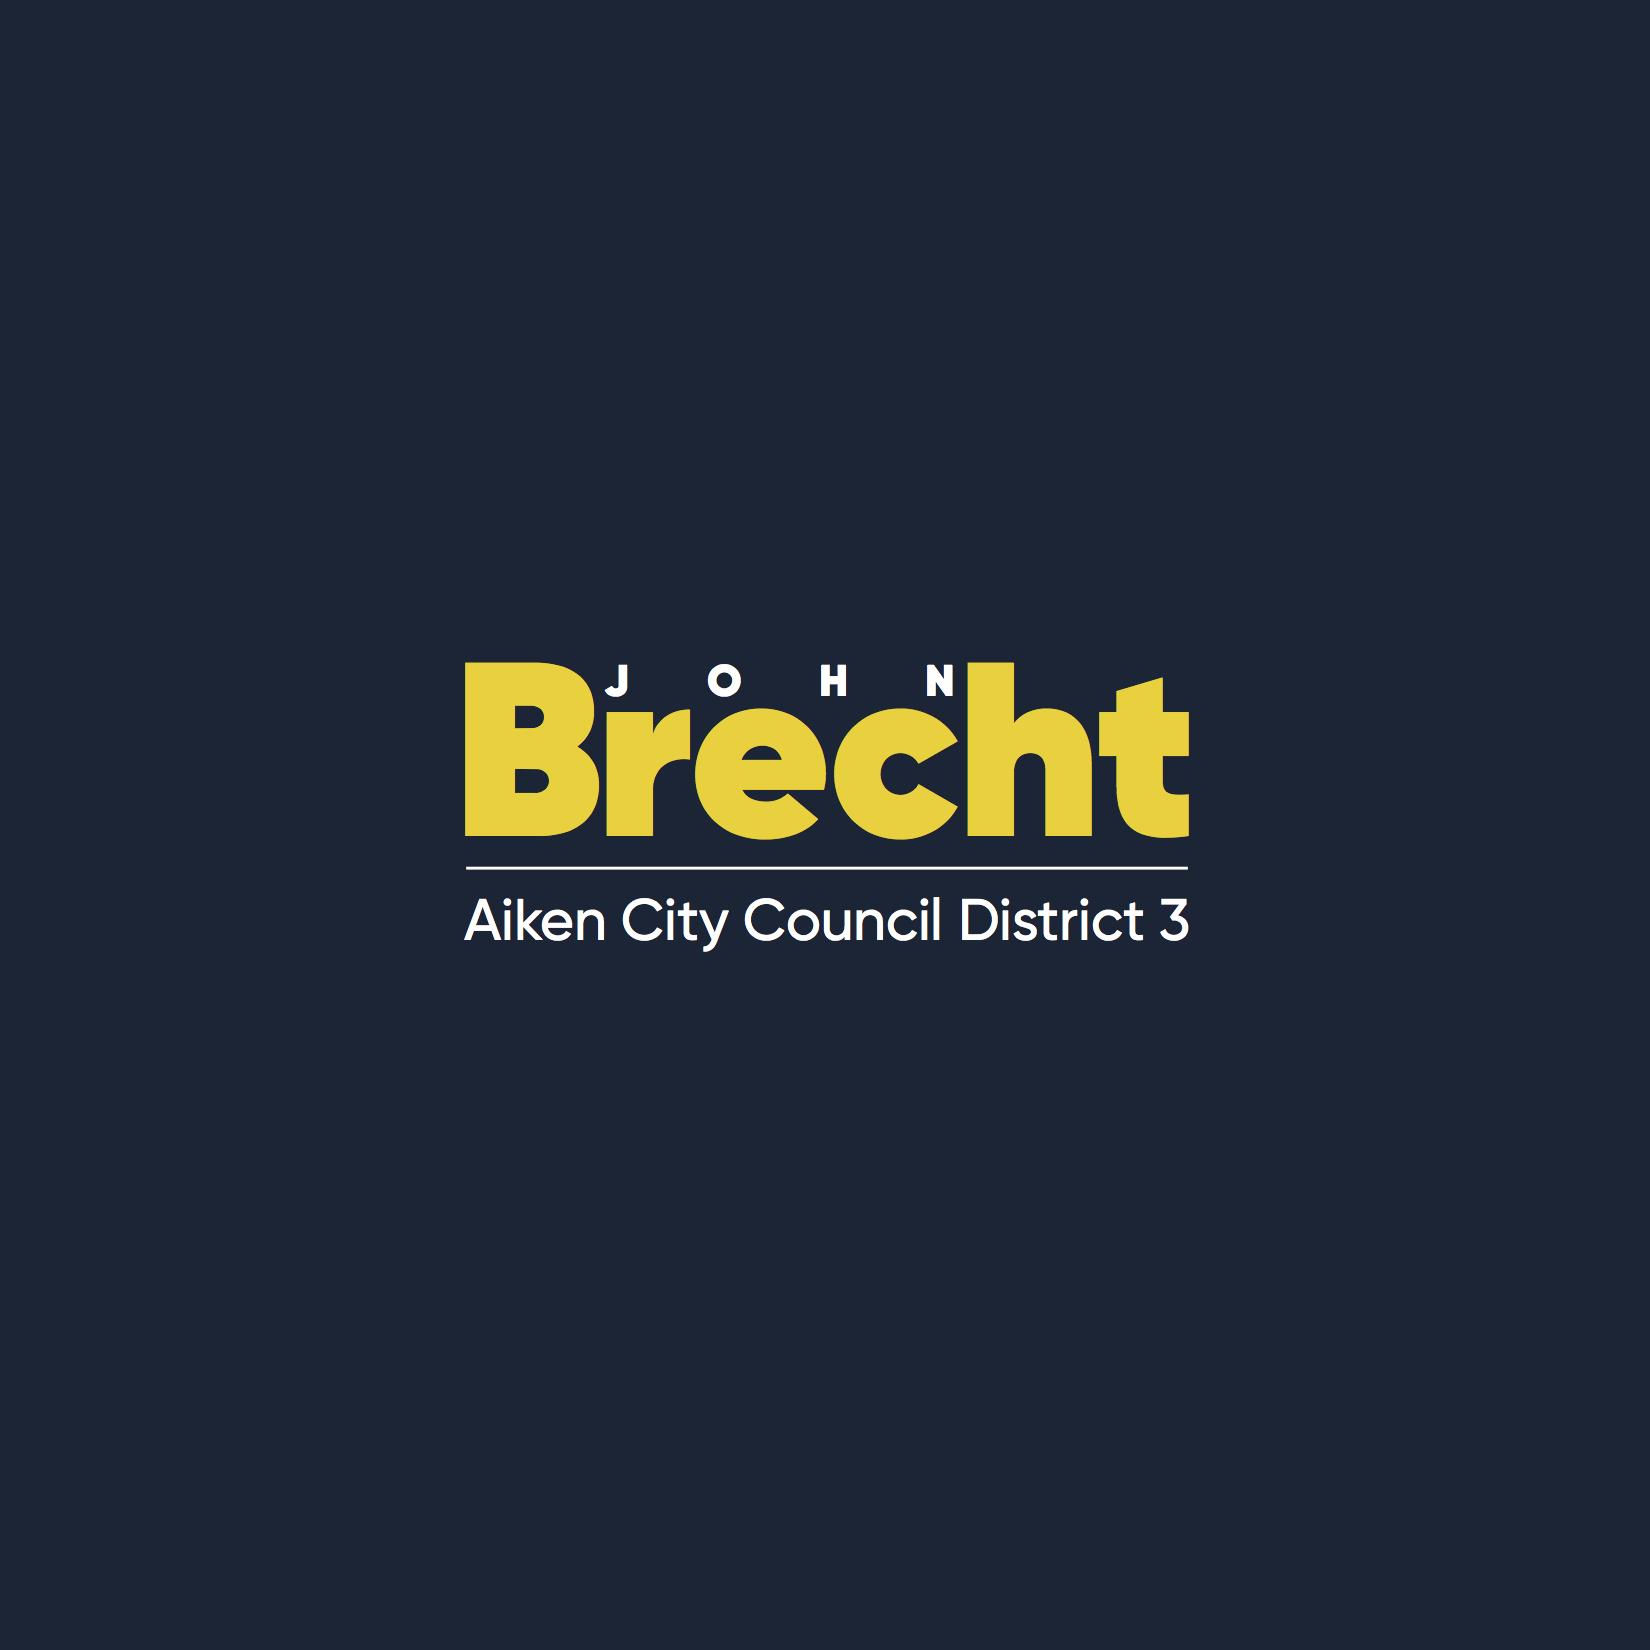 John Brecht